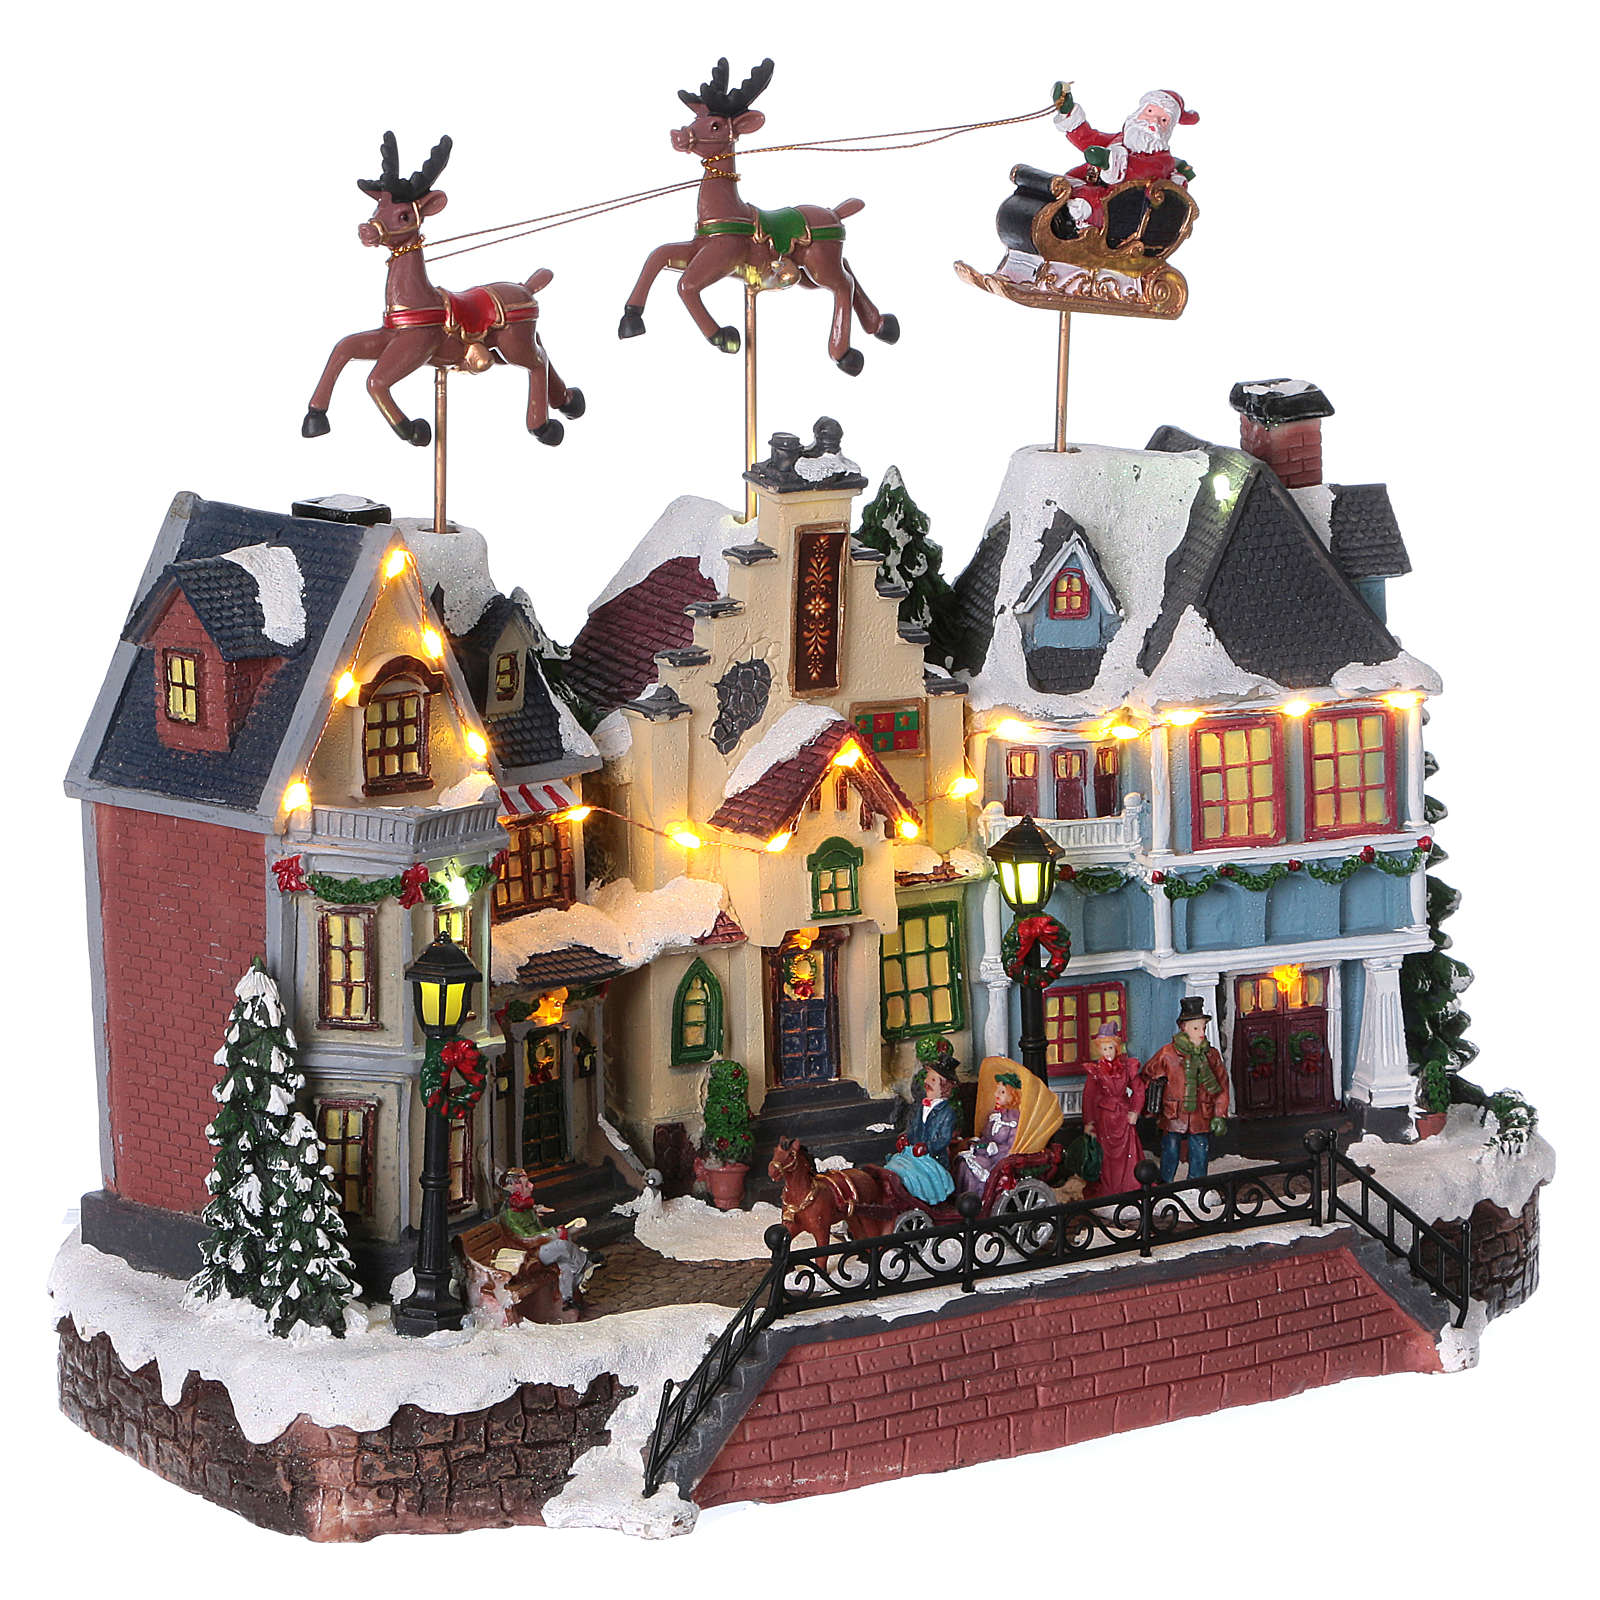 Village de Noël Père Noël rennes mouvement 30x35x20 cm lumières musique courant 3